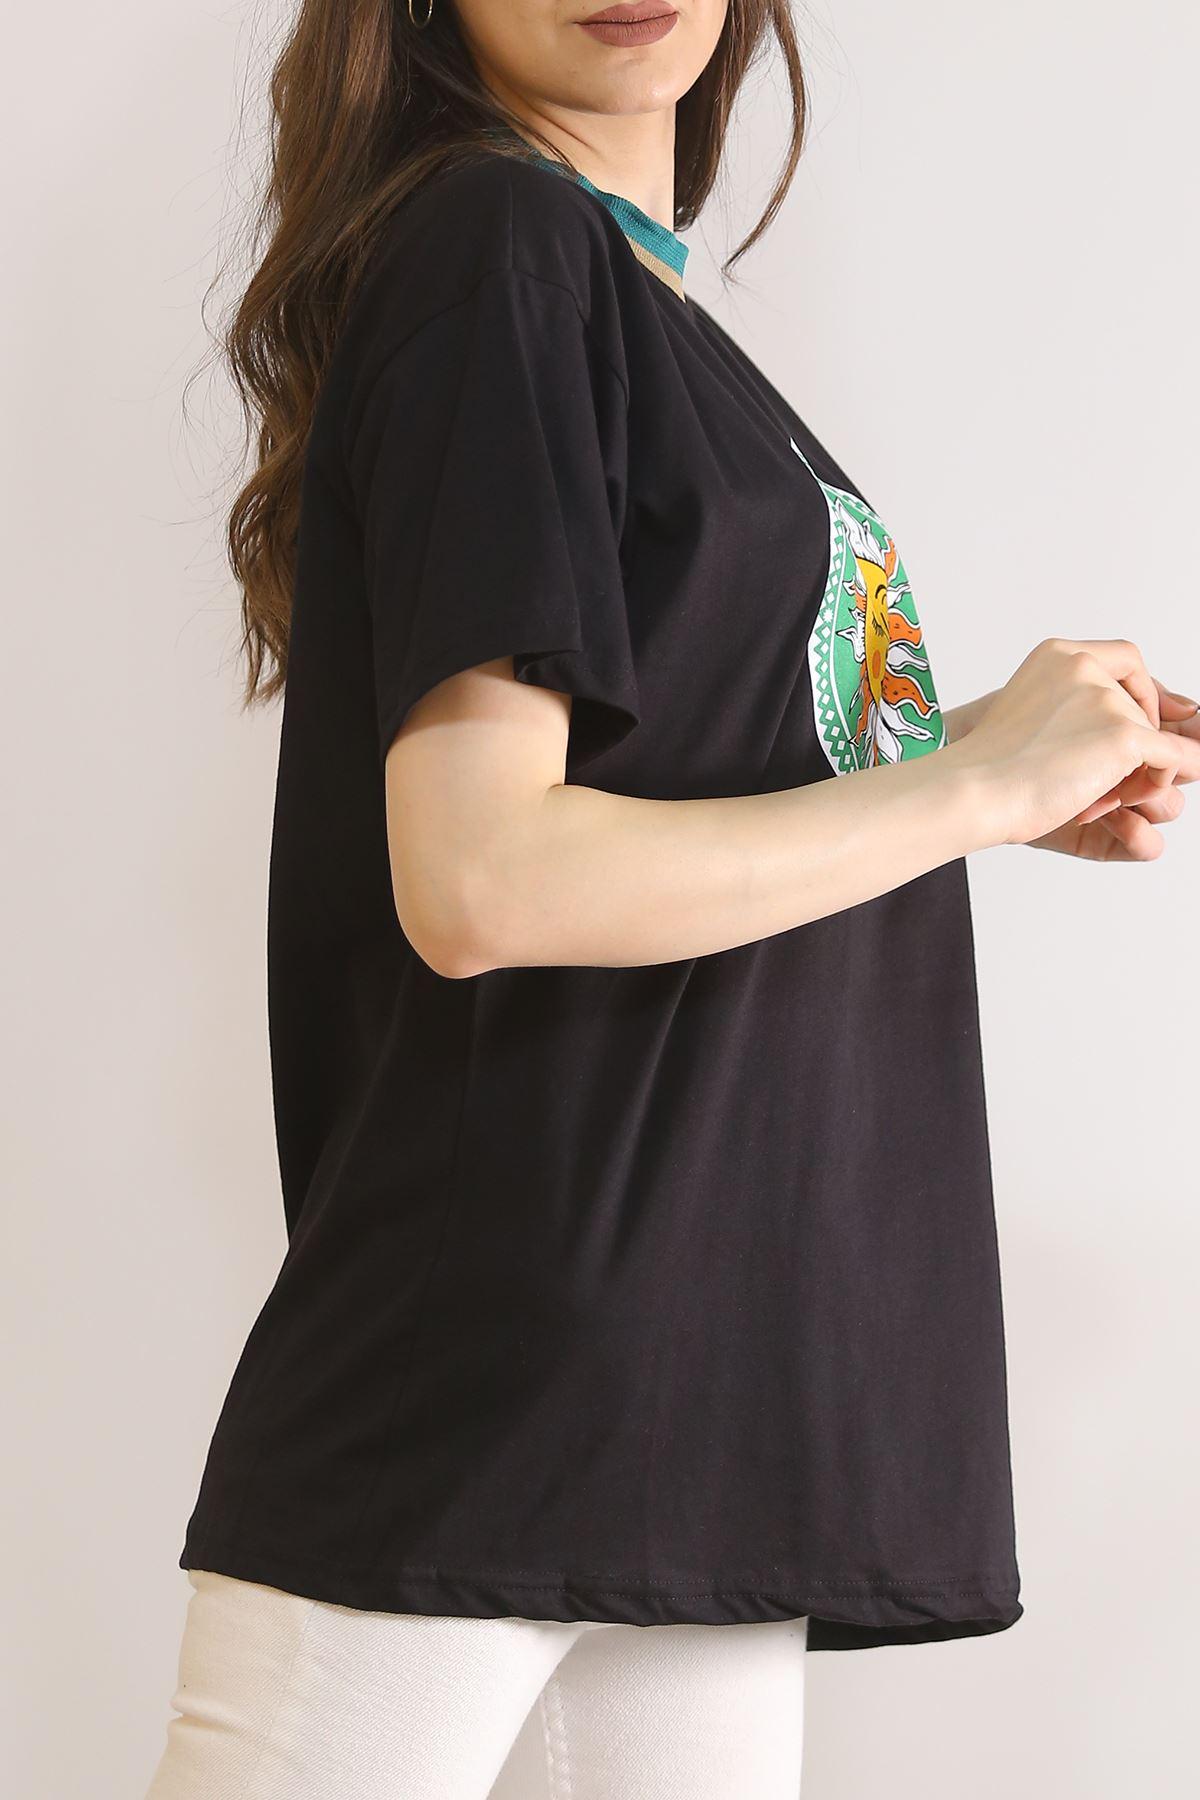 Baskılı Tişört Siyah - 5902.1377.